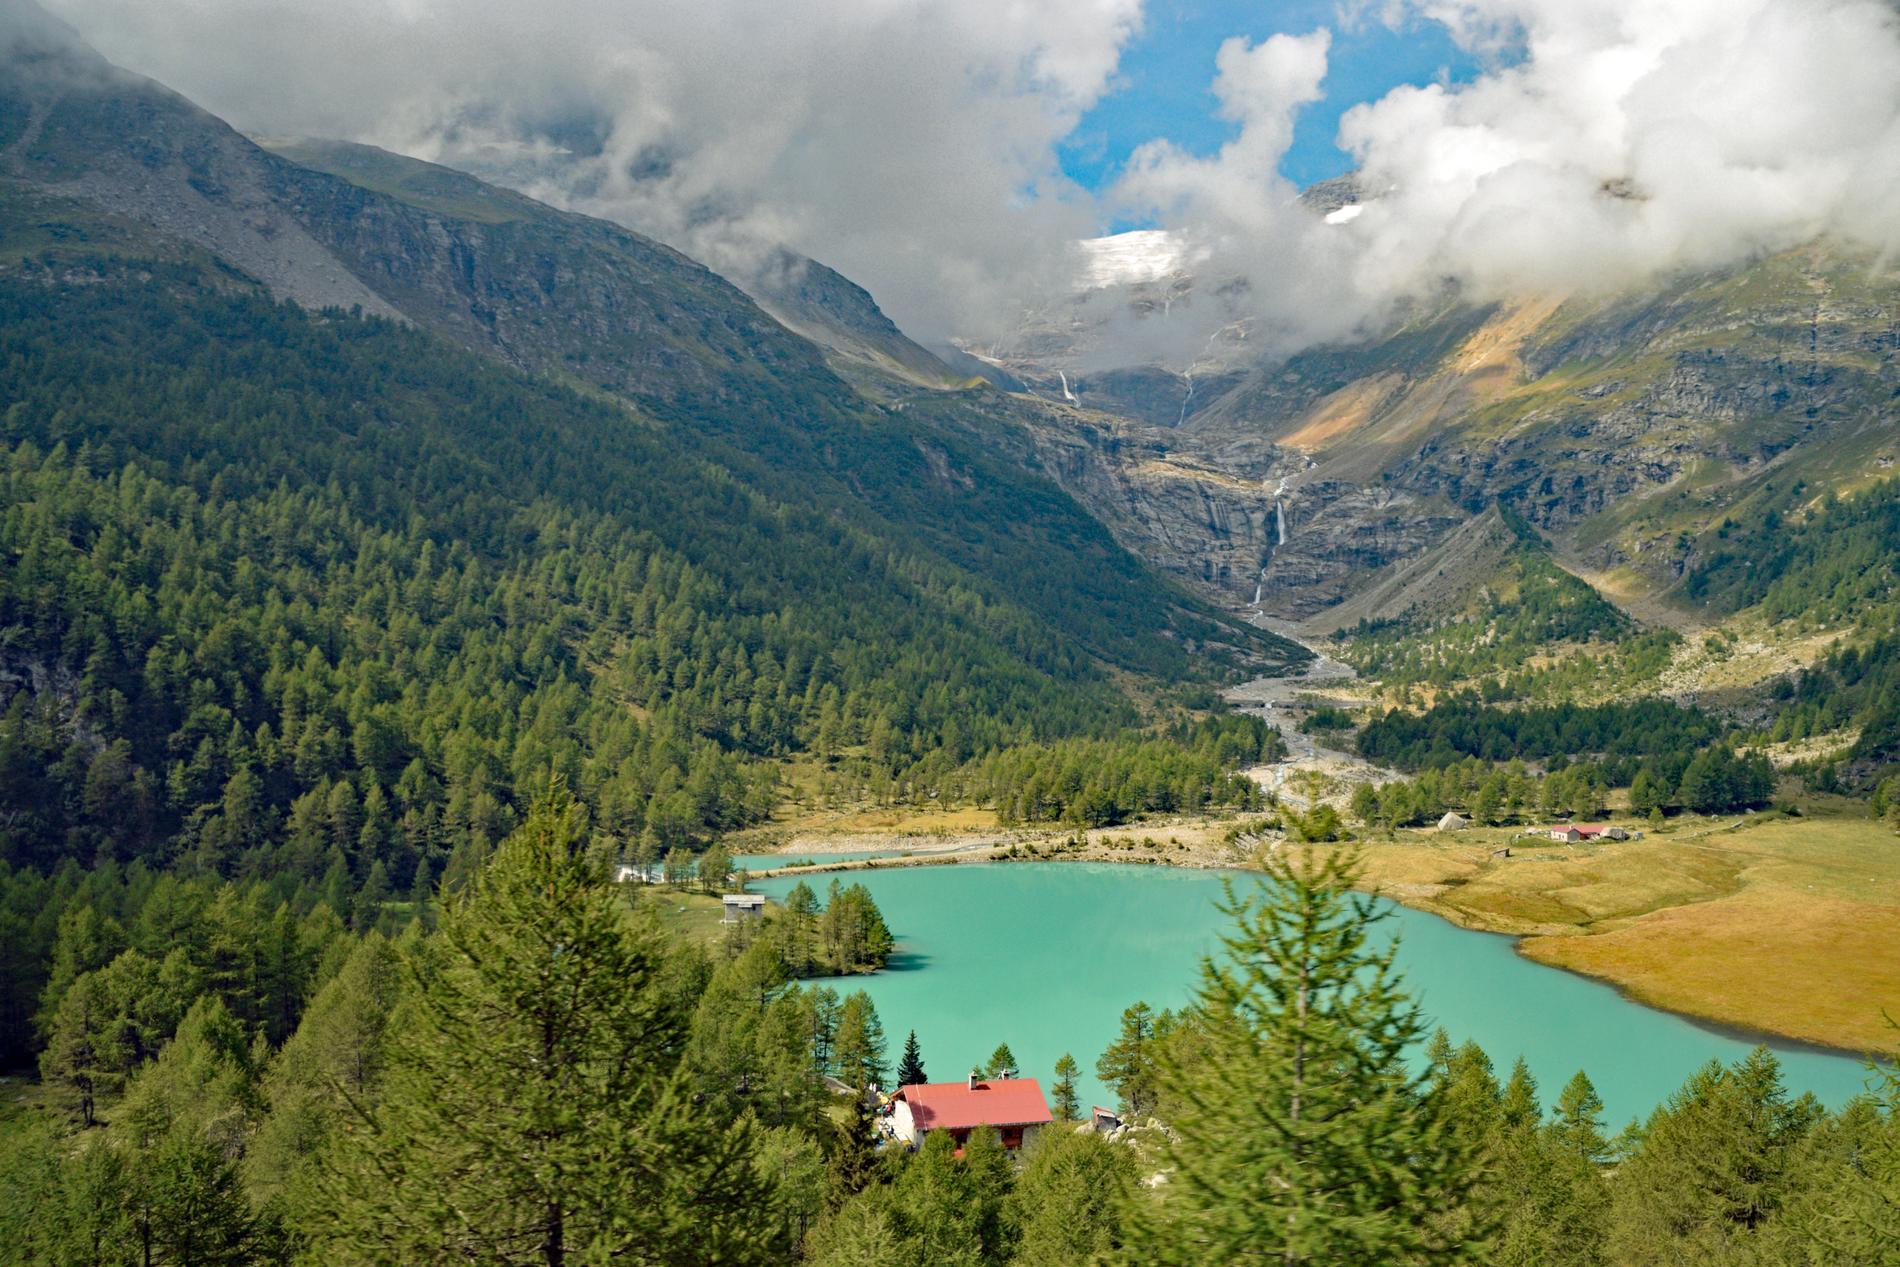 Såhär ser utsikten ut från glaciärexpressen.